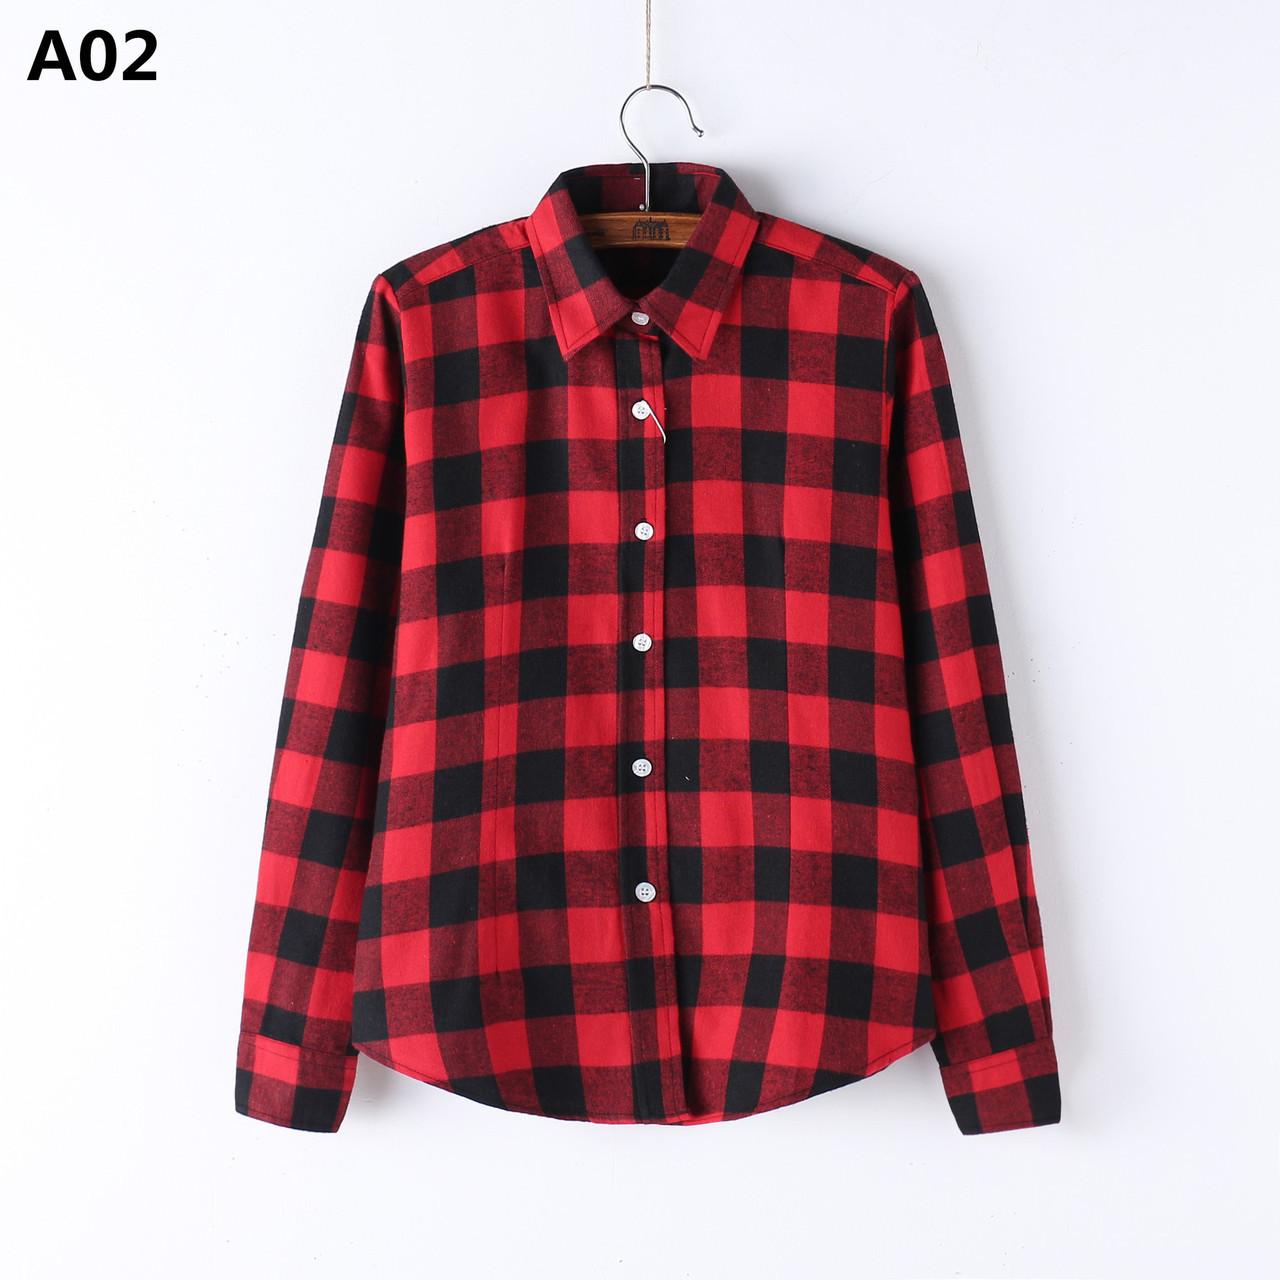 7c76b61a1e7 Купить Рубашка женская в клетку NNT 889 Рубашки женские клетка в ...